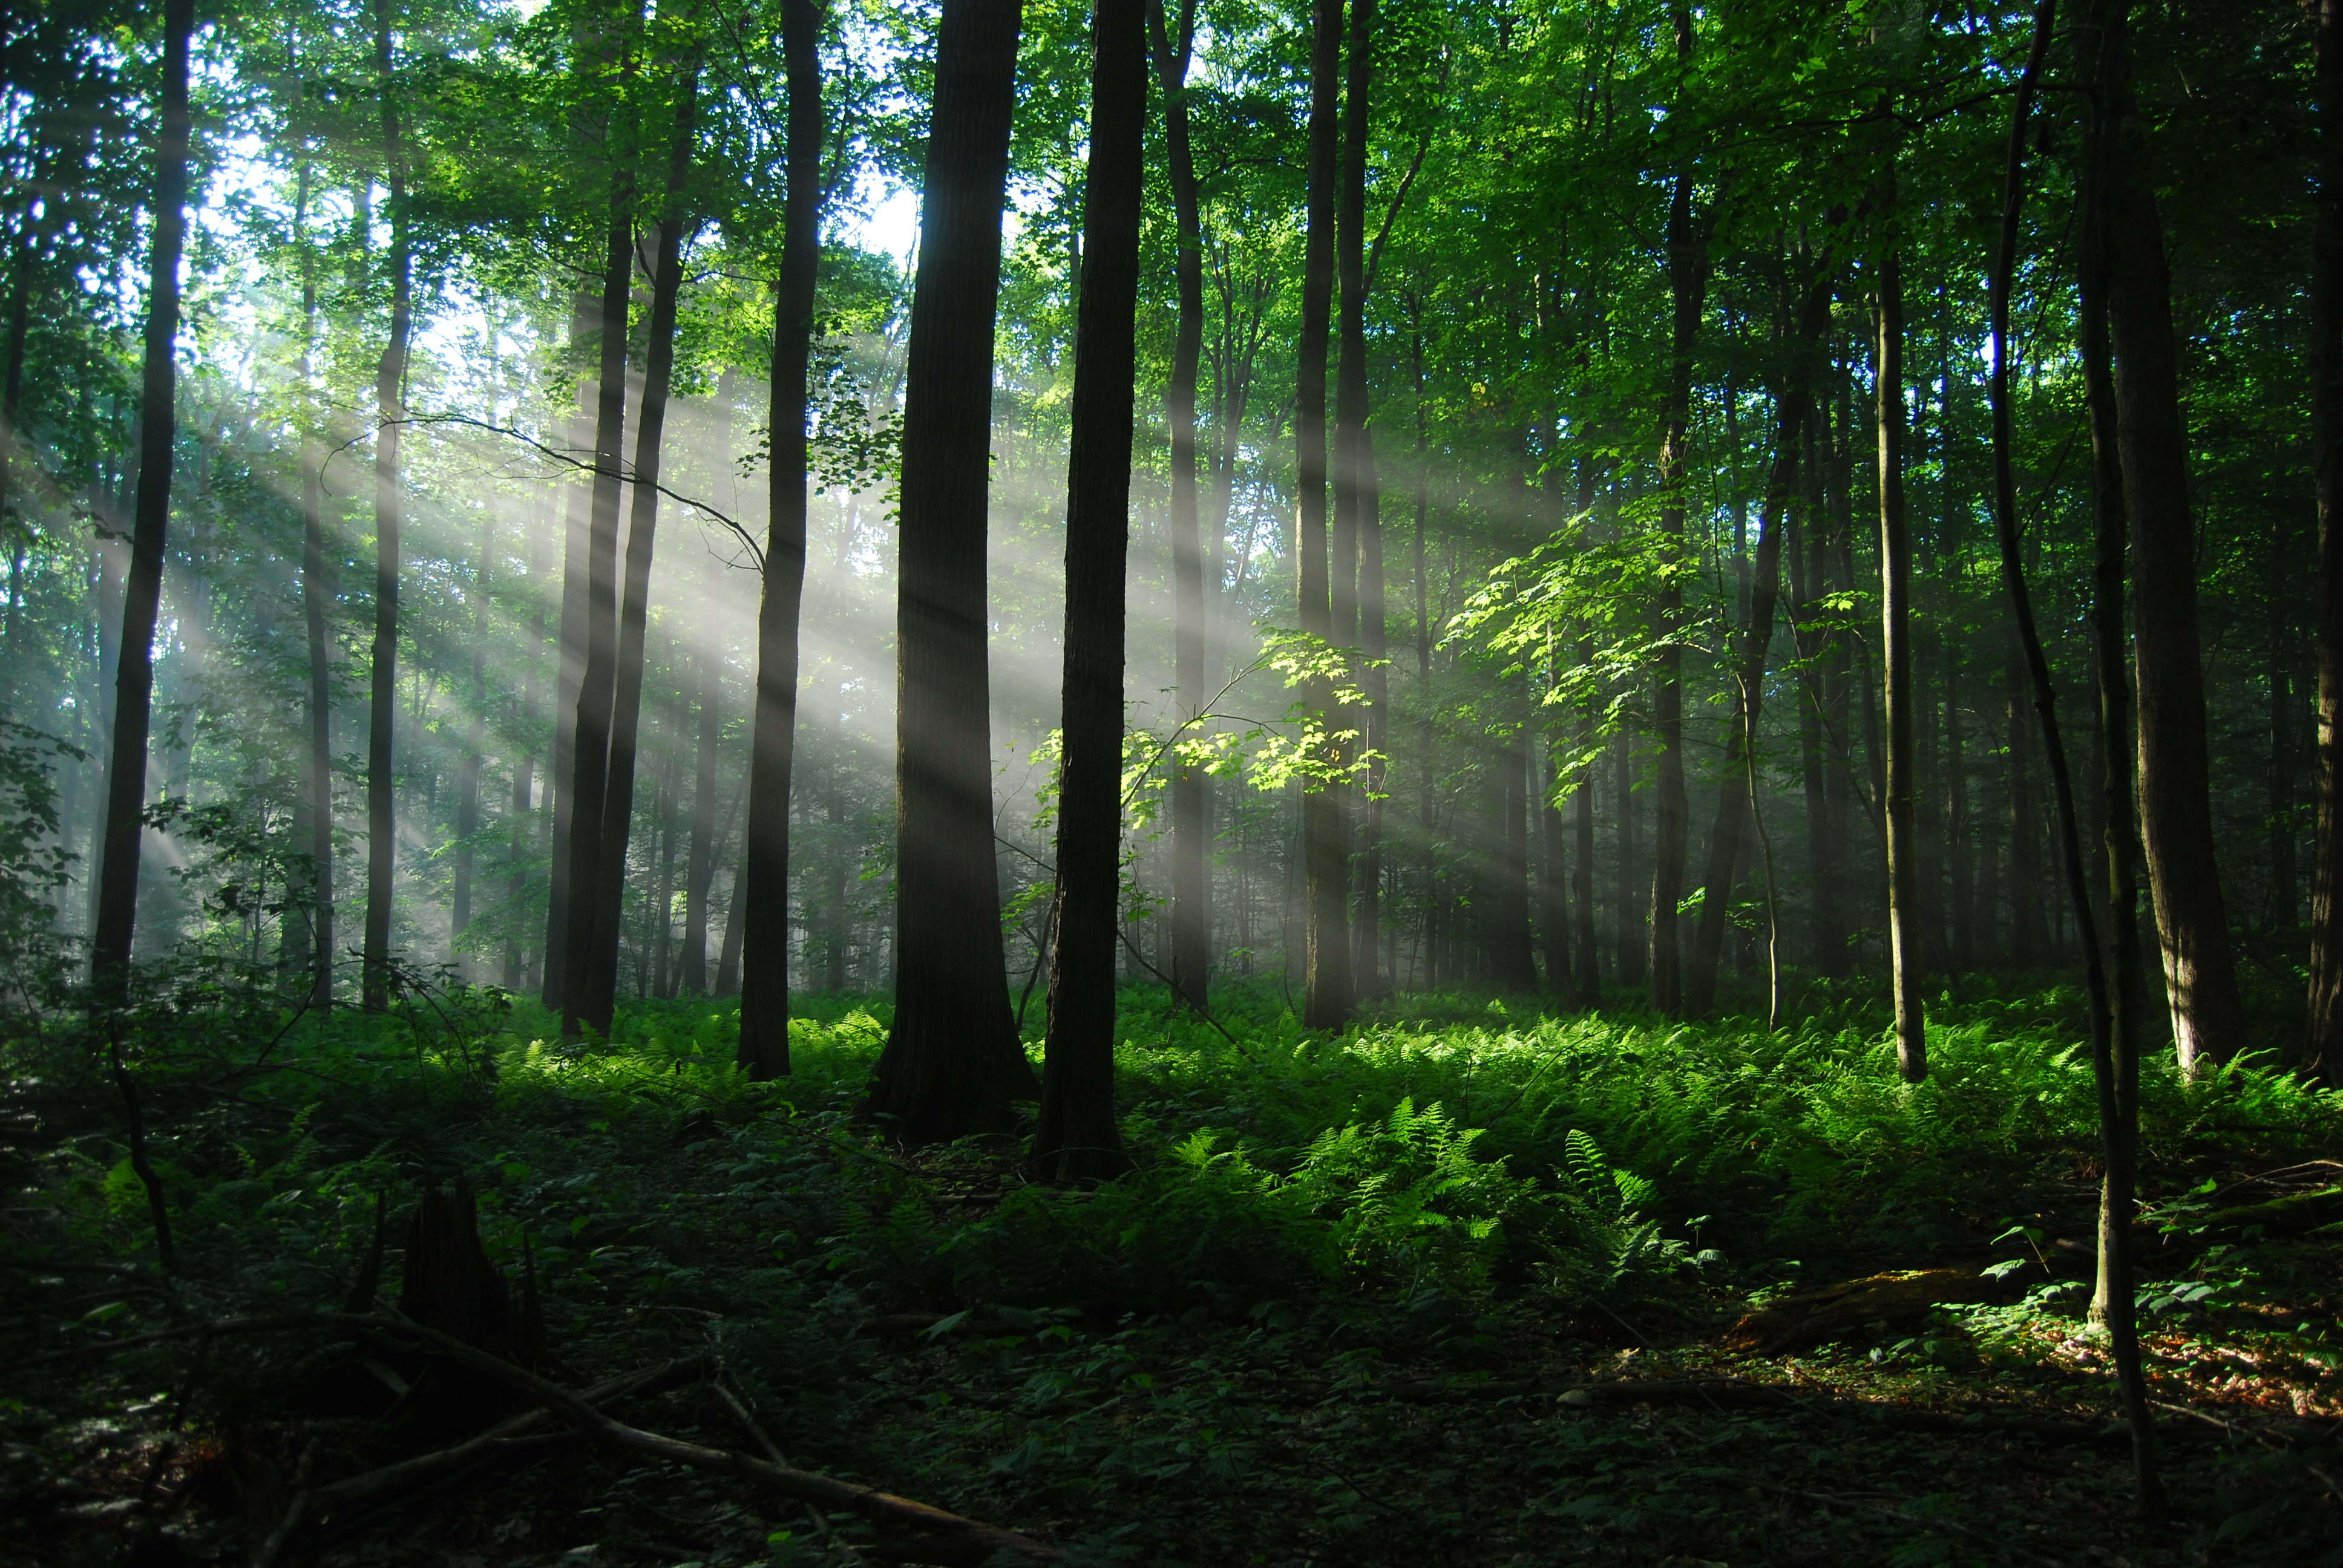 фото на фоне леса - 11